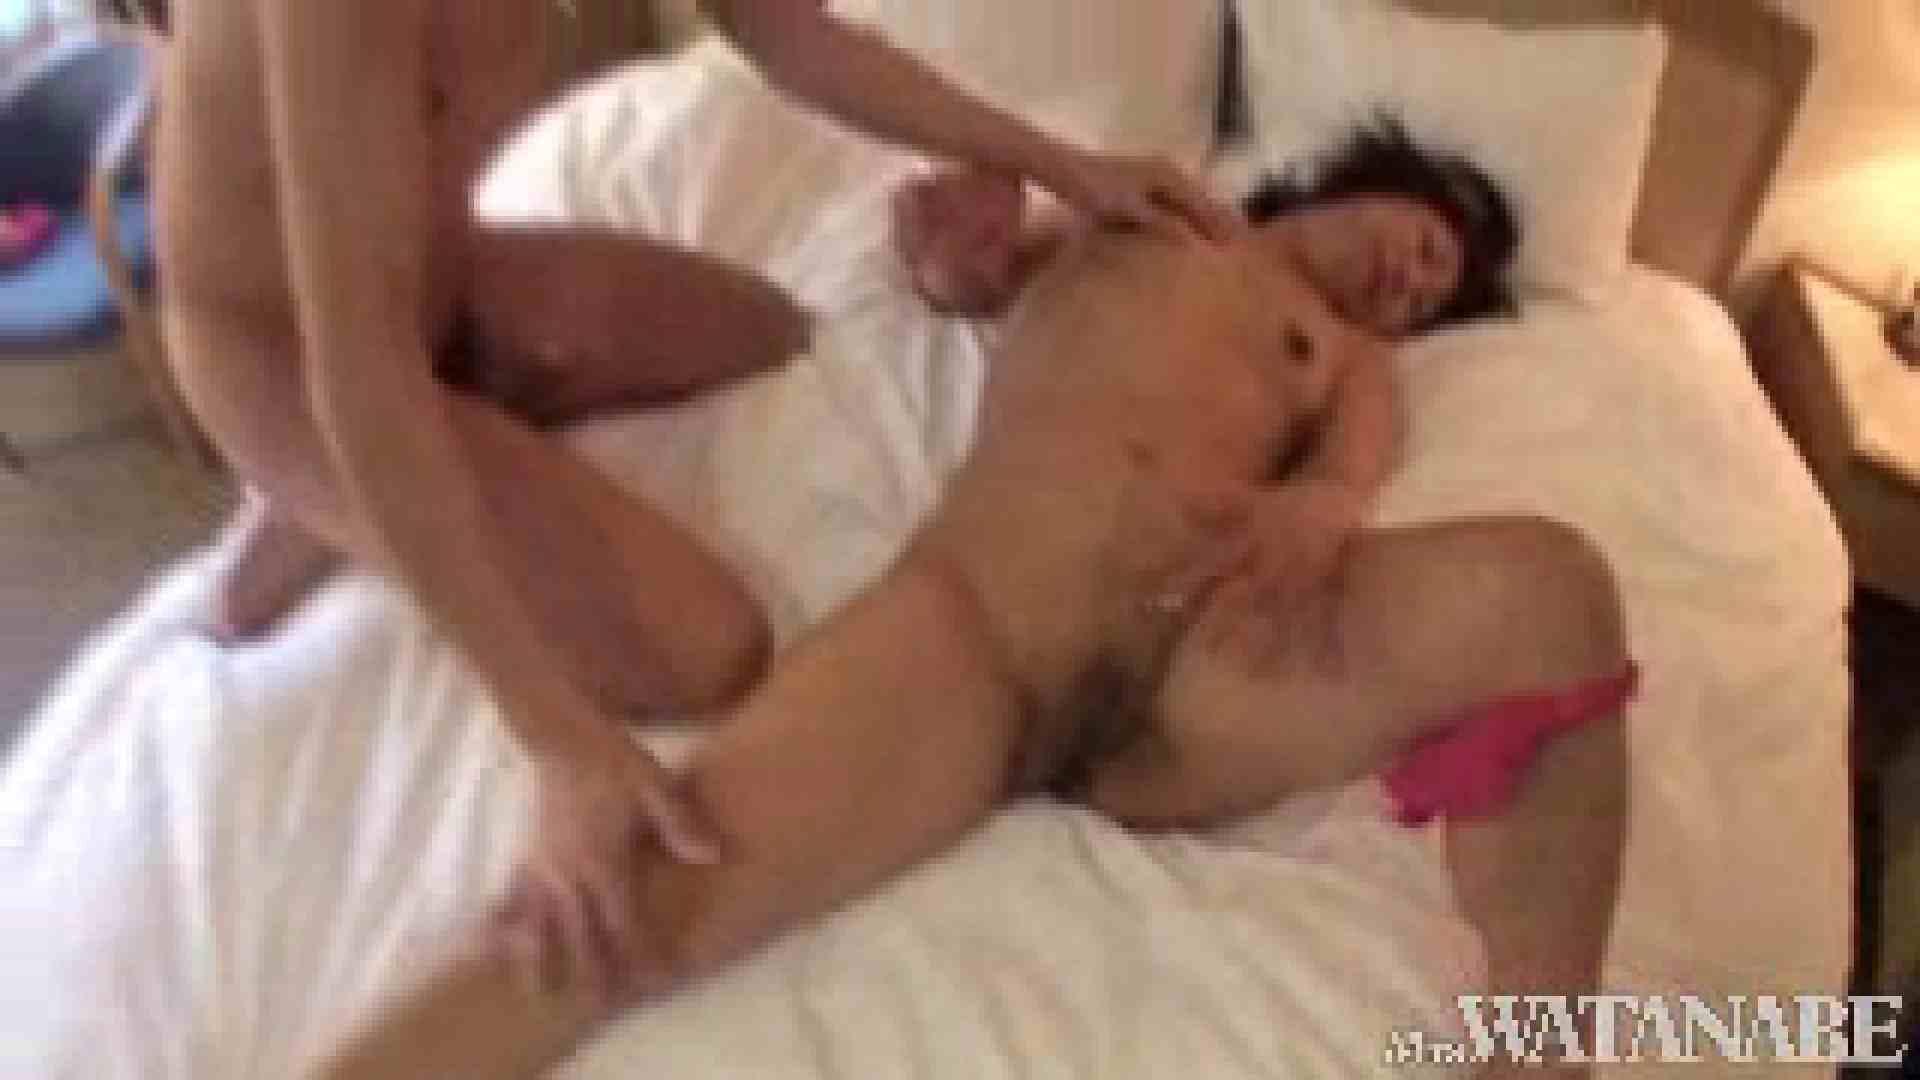 撮影スタッフを誘惑する痴熟女 かおり40歳 Vol.02 0   0  103画像 94